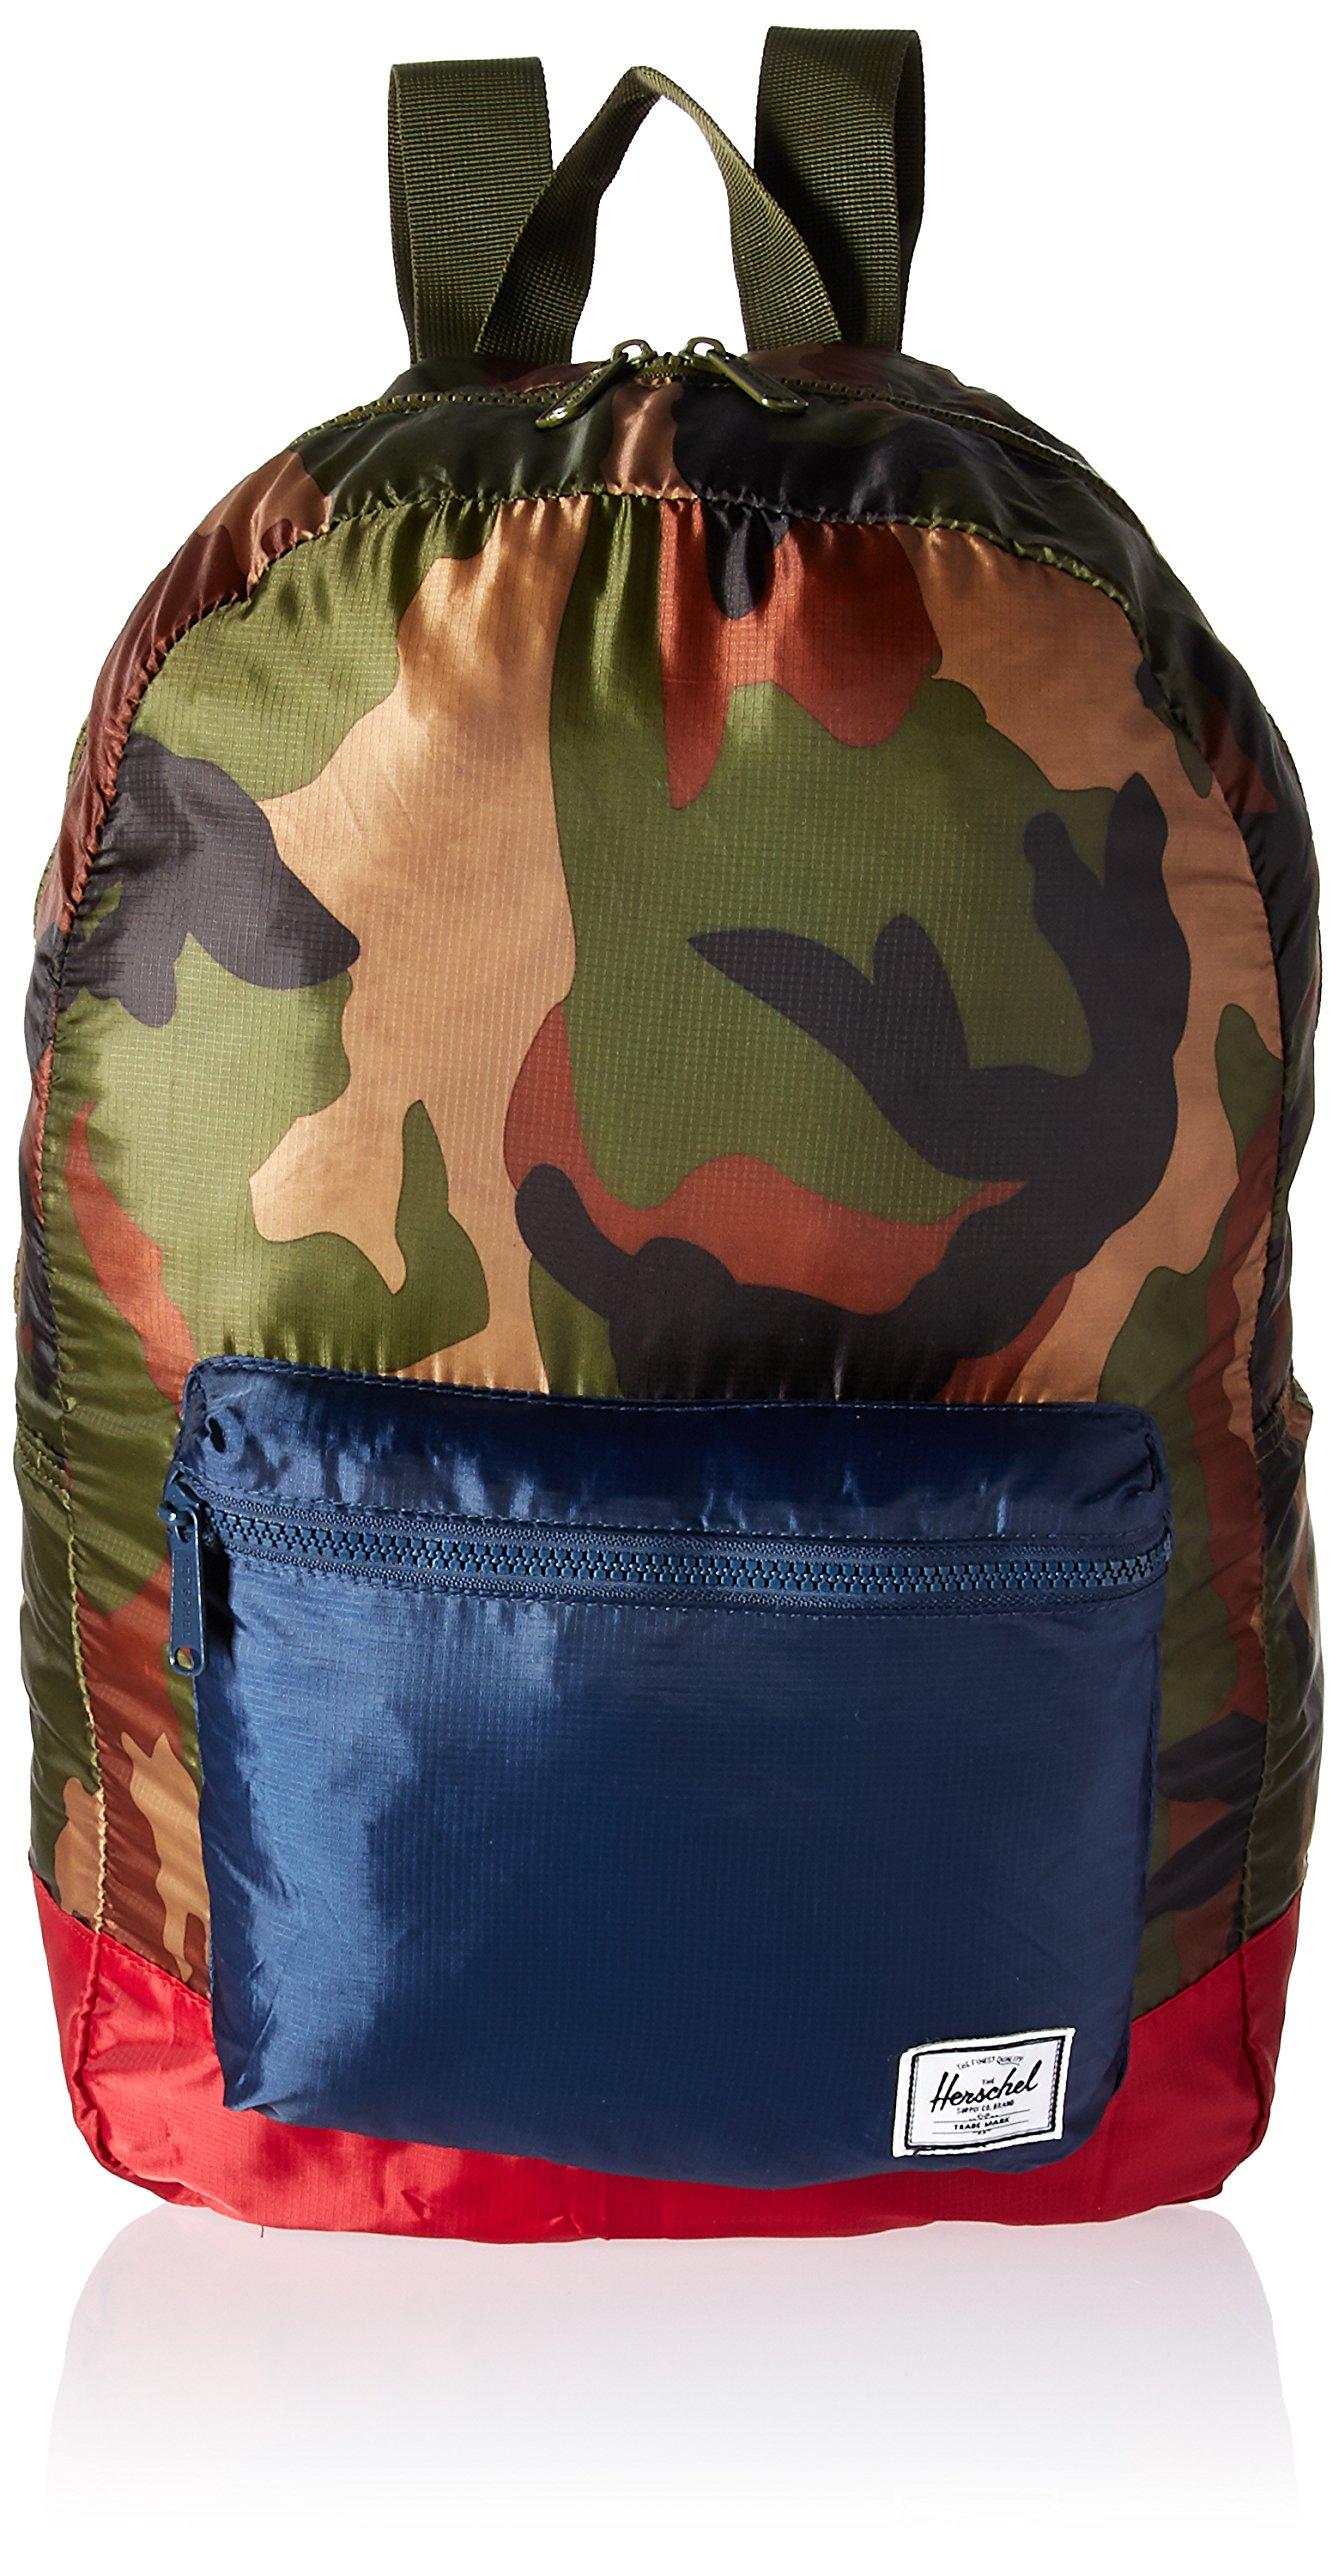 7ec0963f26 Backpacks - Herschel Supply Co. Packable Daypack Backpack Woodland ...